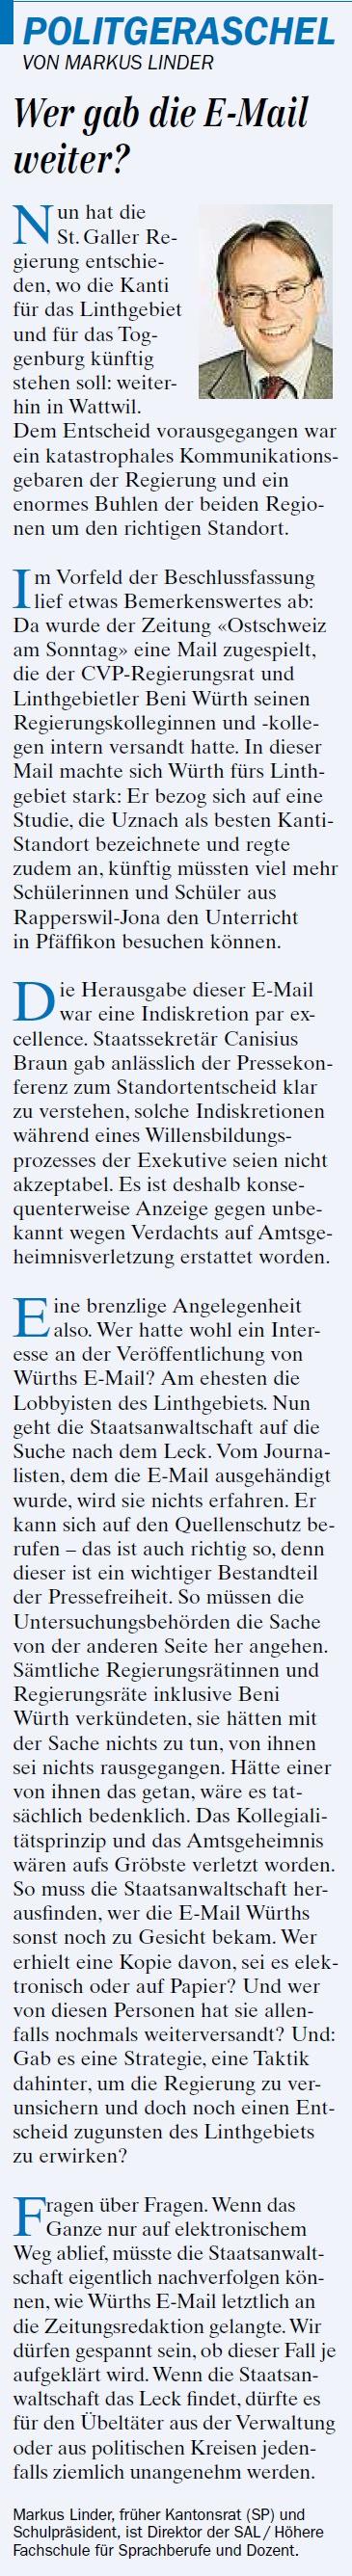 Politgeraschel: Wer gab die E-Mail weiter? (Samstag, 24.05.2014)